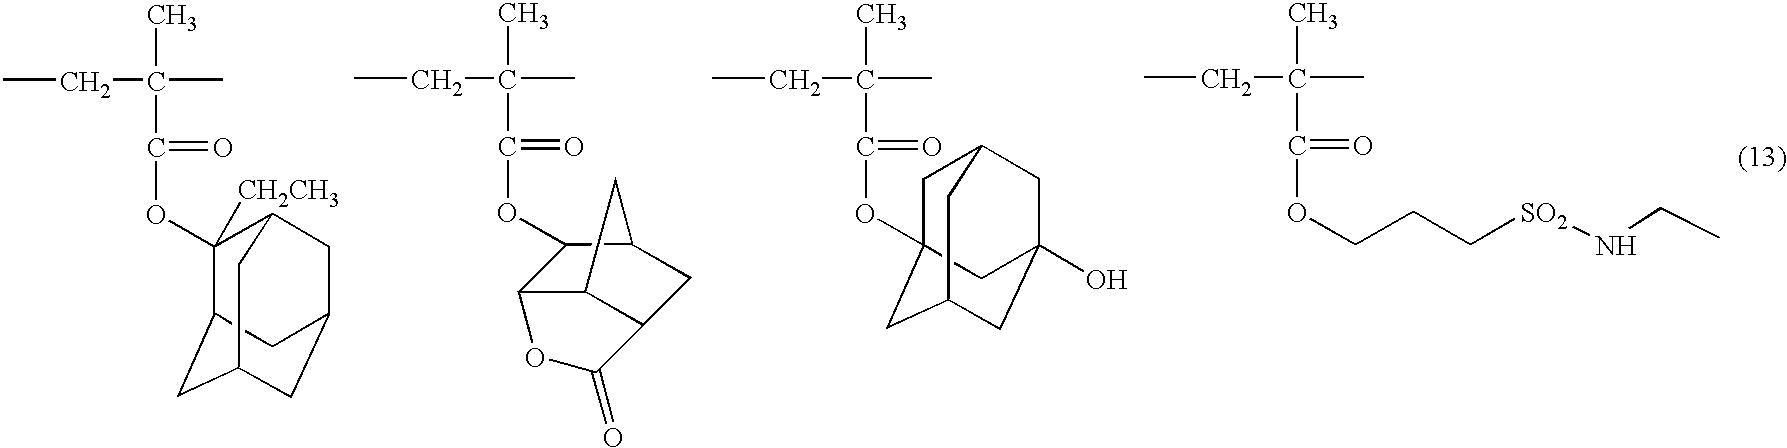 Figure US20030186161A1-20031002-C00131